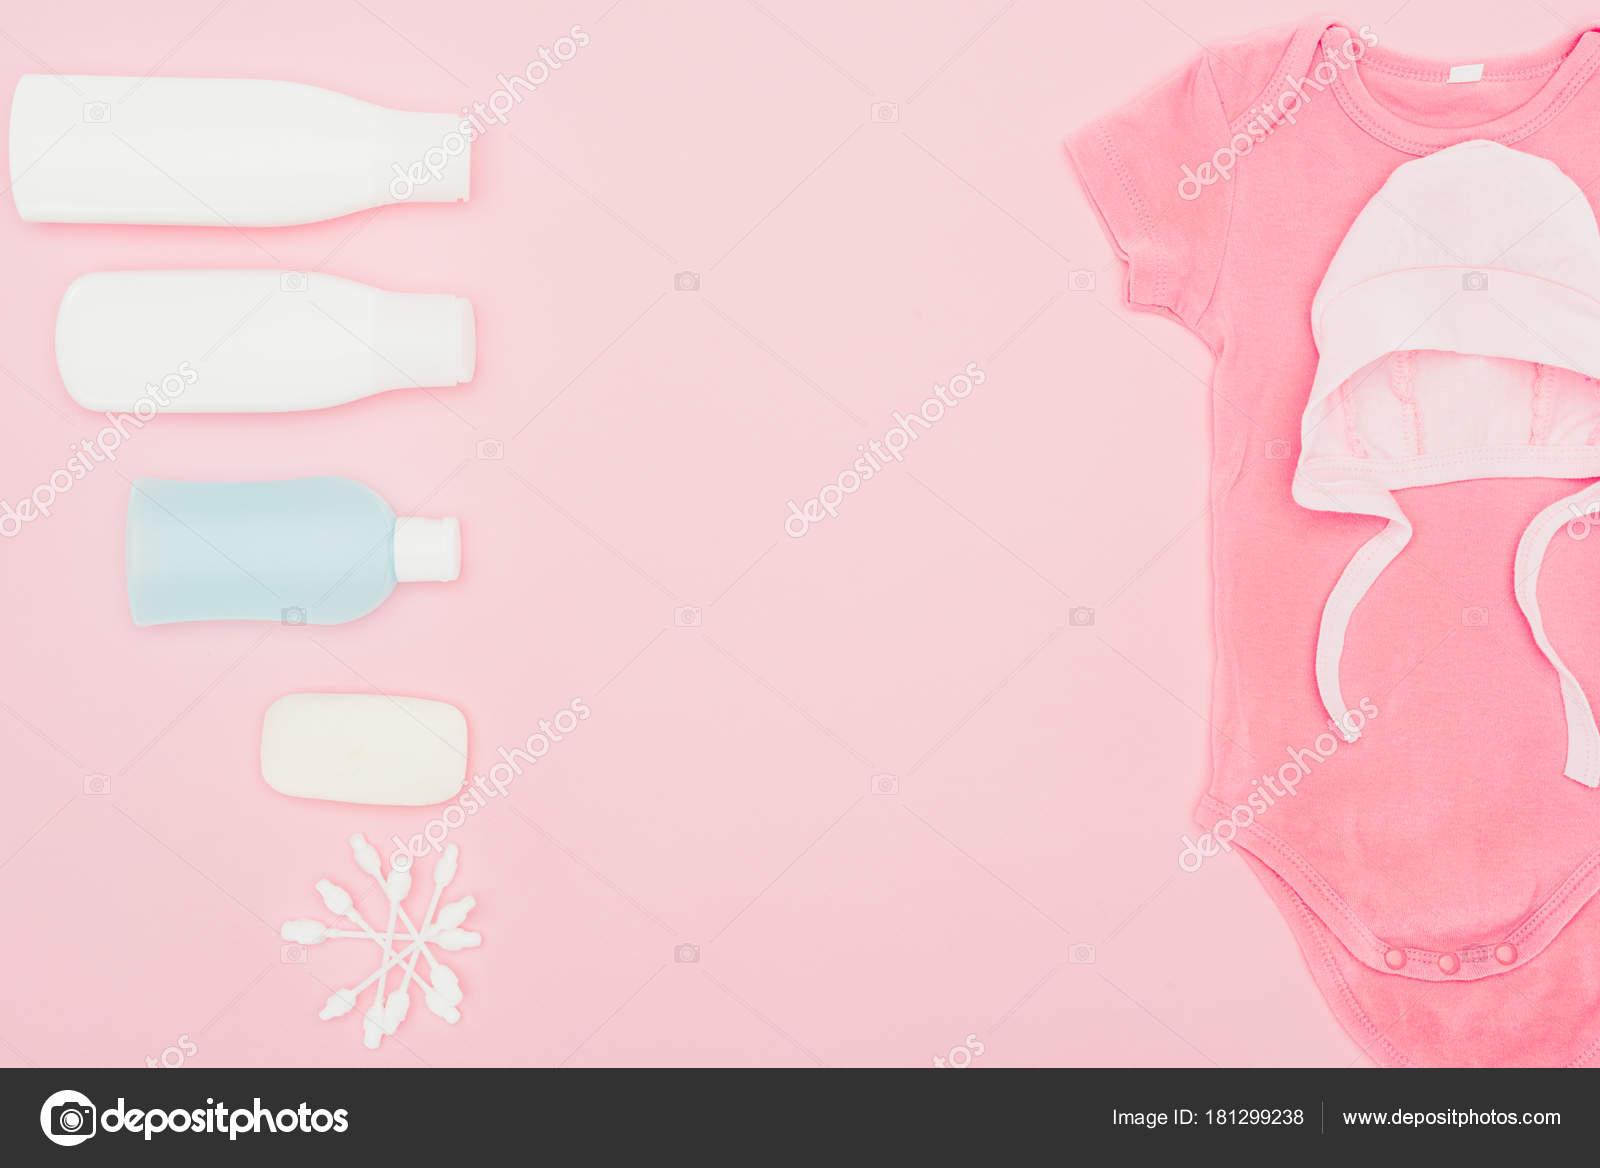 Badkamer Accessoires Roze : Top uitzicht babykleding badkamer accessoires geïsoleerd roze